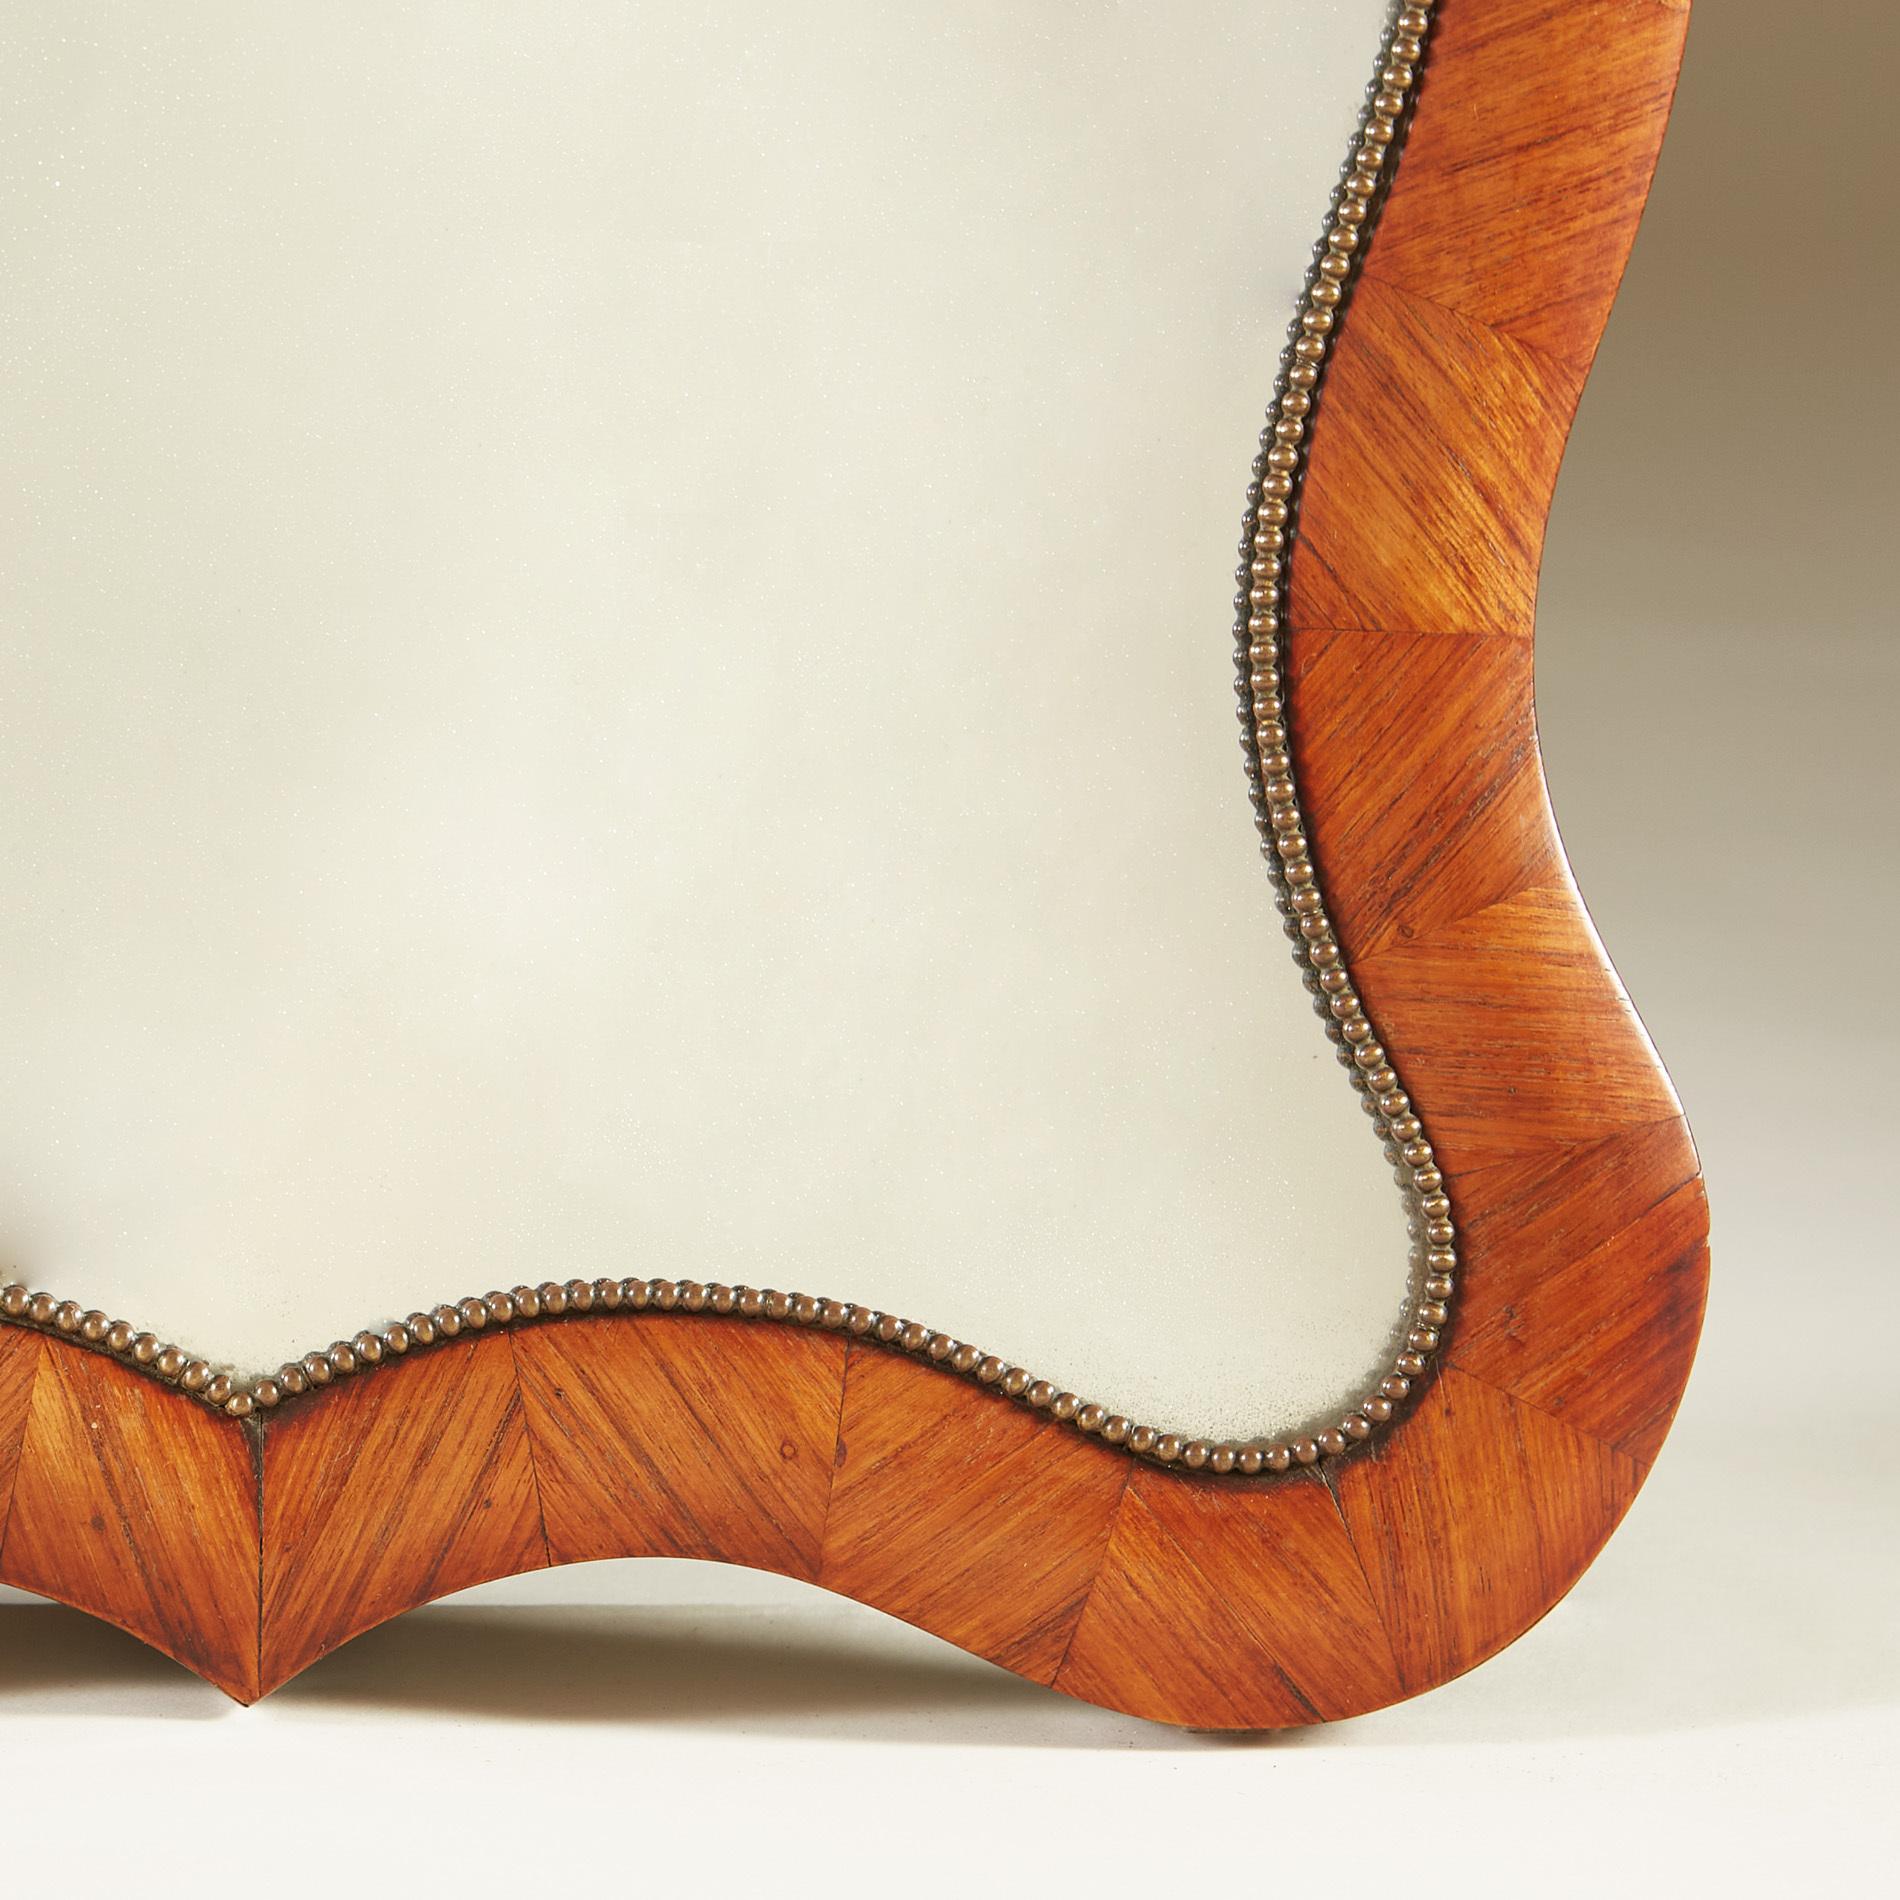 Walnut Dressing Table Mirror 0010 V1